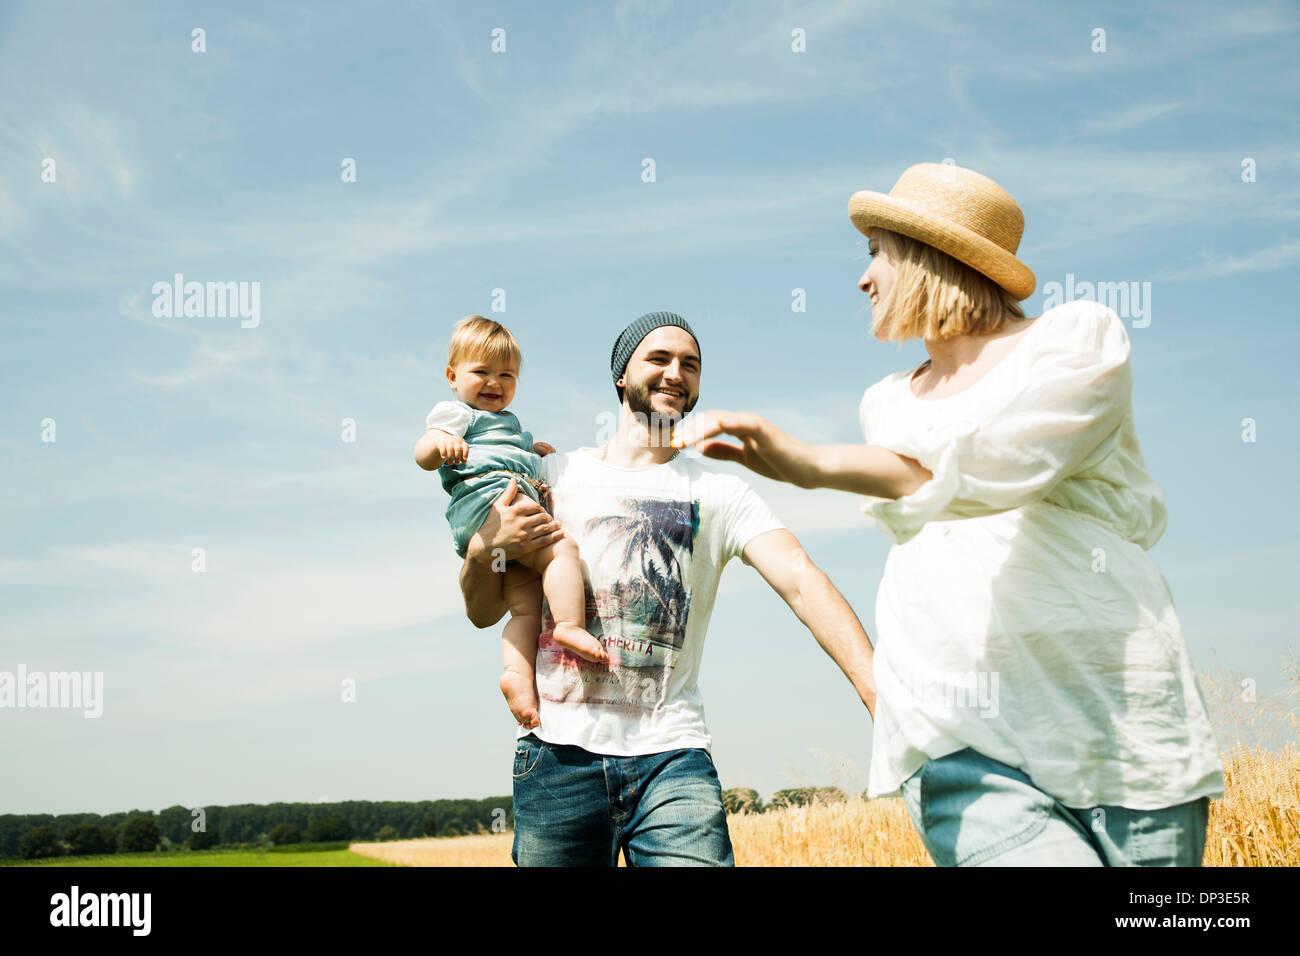 Familie zu Fuß durch Agrarbereich, Mannheim, Baden-Württemberg, Deutschland Stockfoto